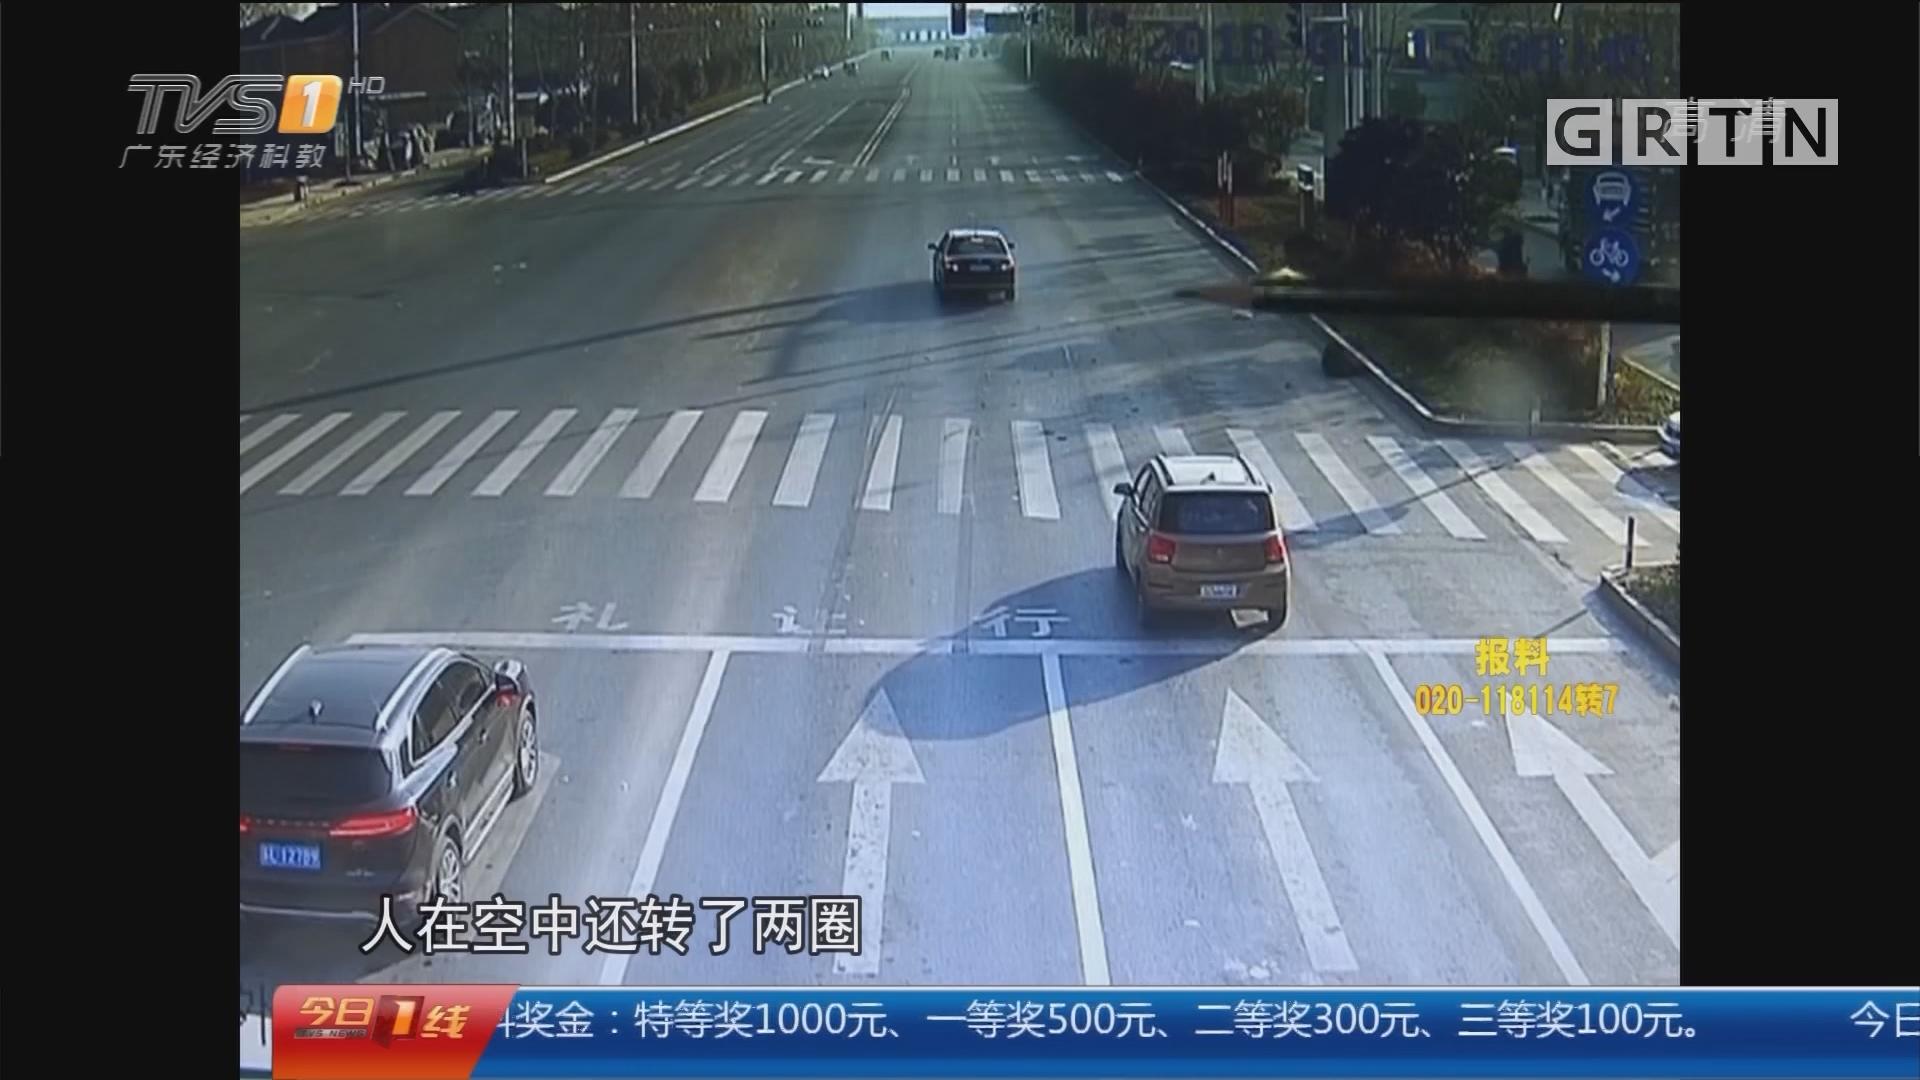 江苏镇江:闯红灯被撞 女子空翻两周落地